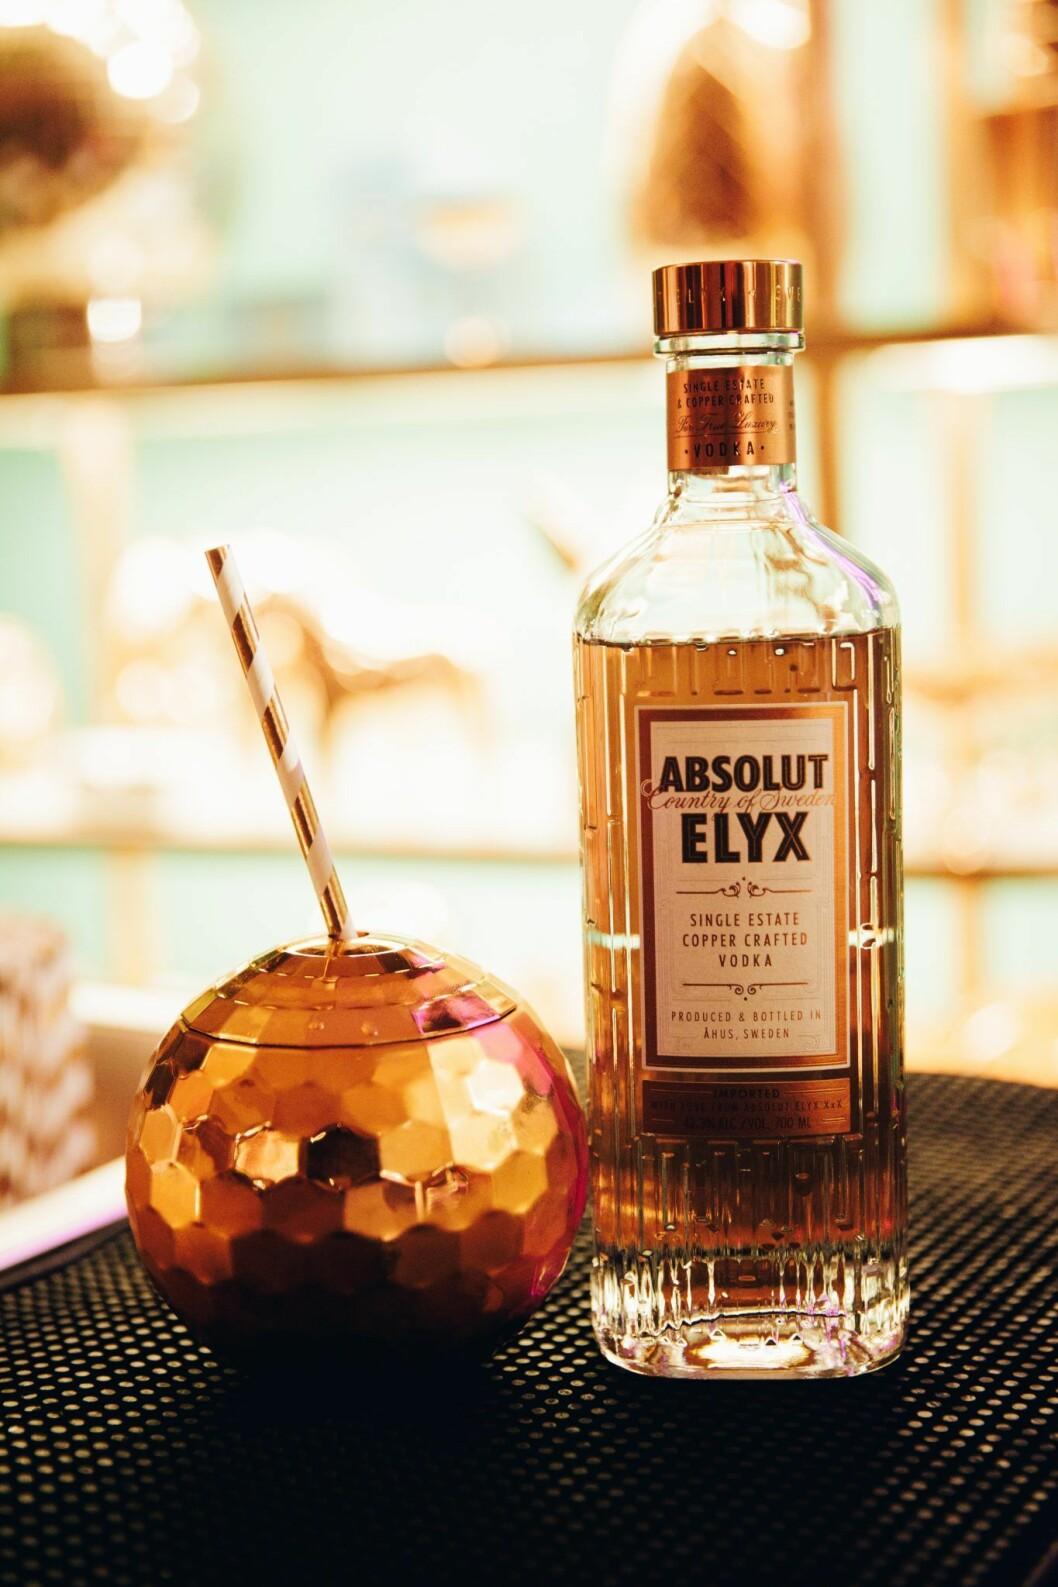 Drinkar i discokula Att servera drinken i en liten discokula sätter stämning direkt. Liknande finns bland annat på Lagerhaus.